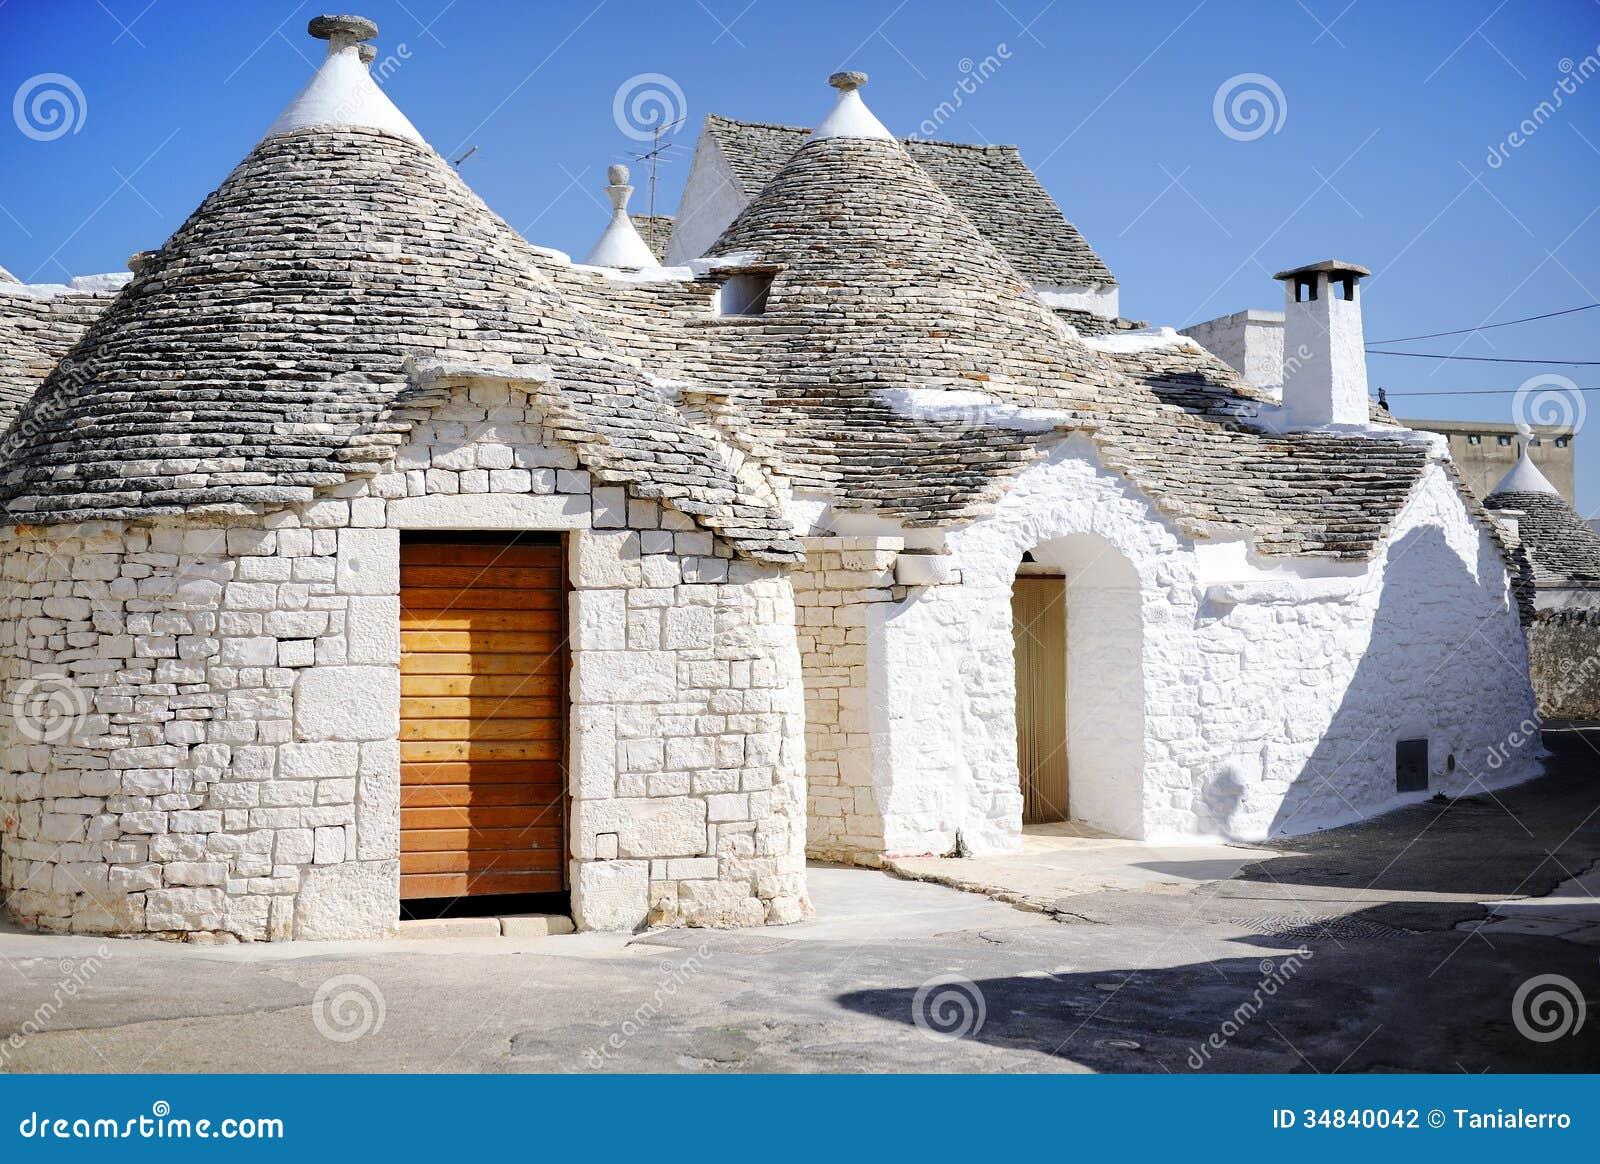 Case tipiche di trulli in alberobello italia fotografia for Calcare di piani casa texas